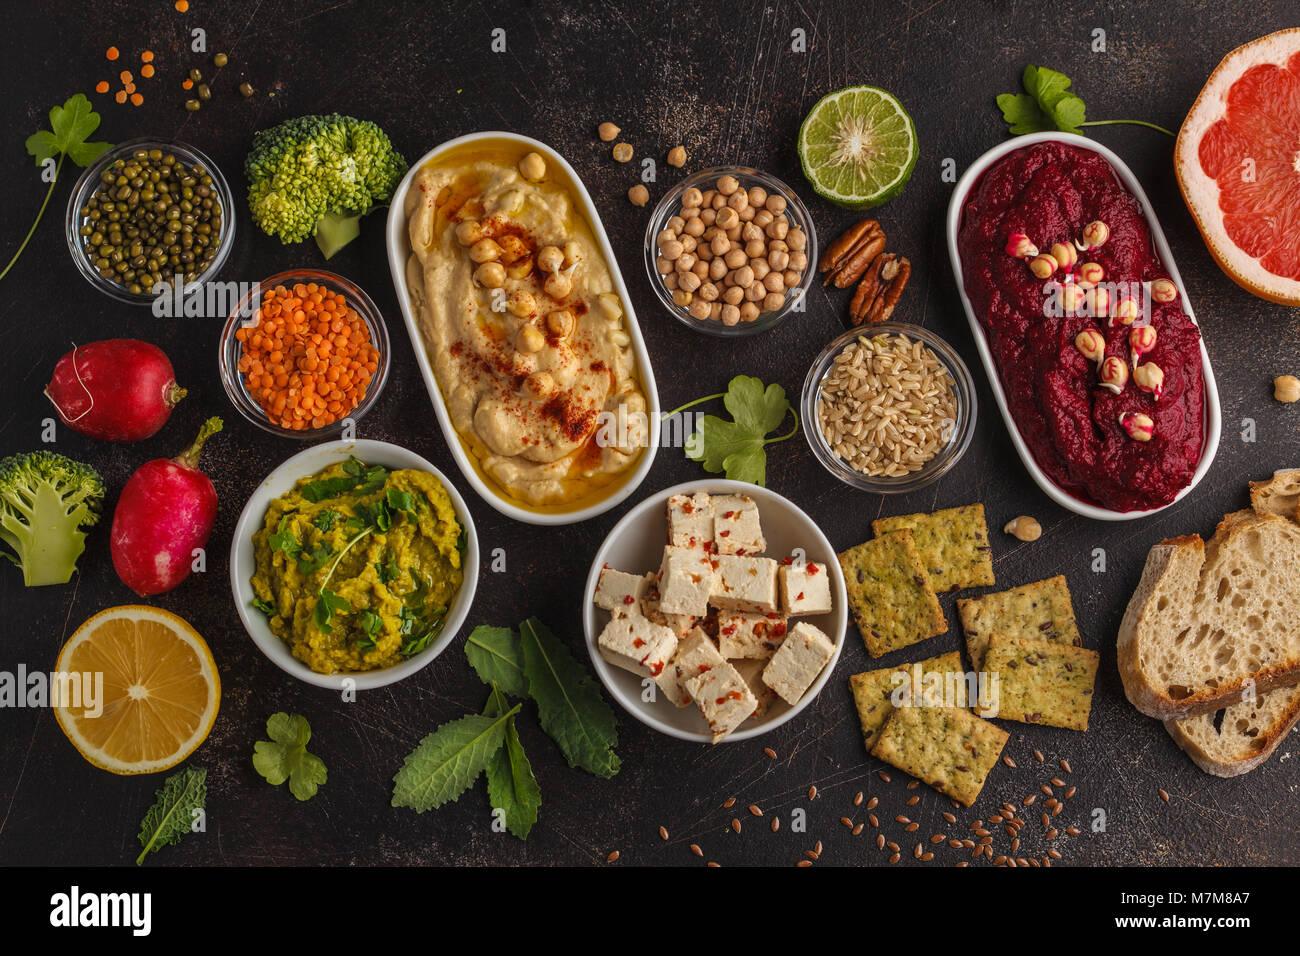 Vegan food background. Vegetarian snacks: hummus, beetroot hummus, green peas dip, vegetables, tofu. Top view, dark - Stock Image